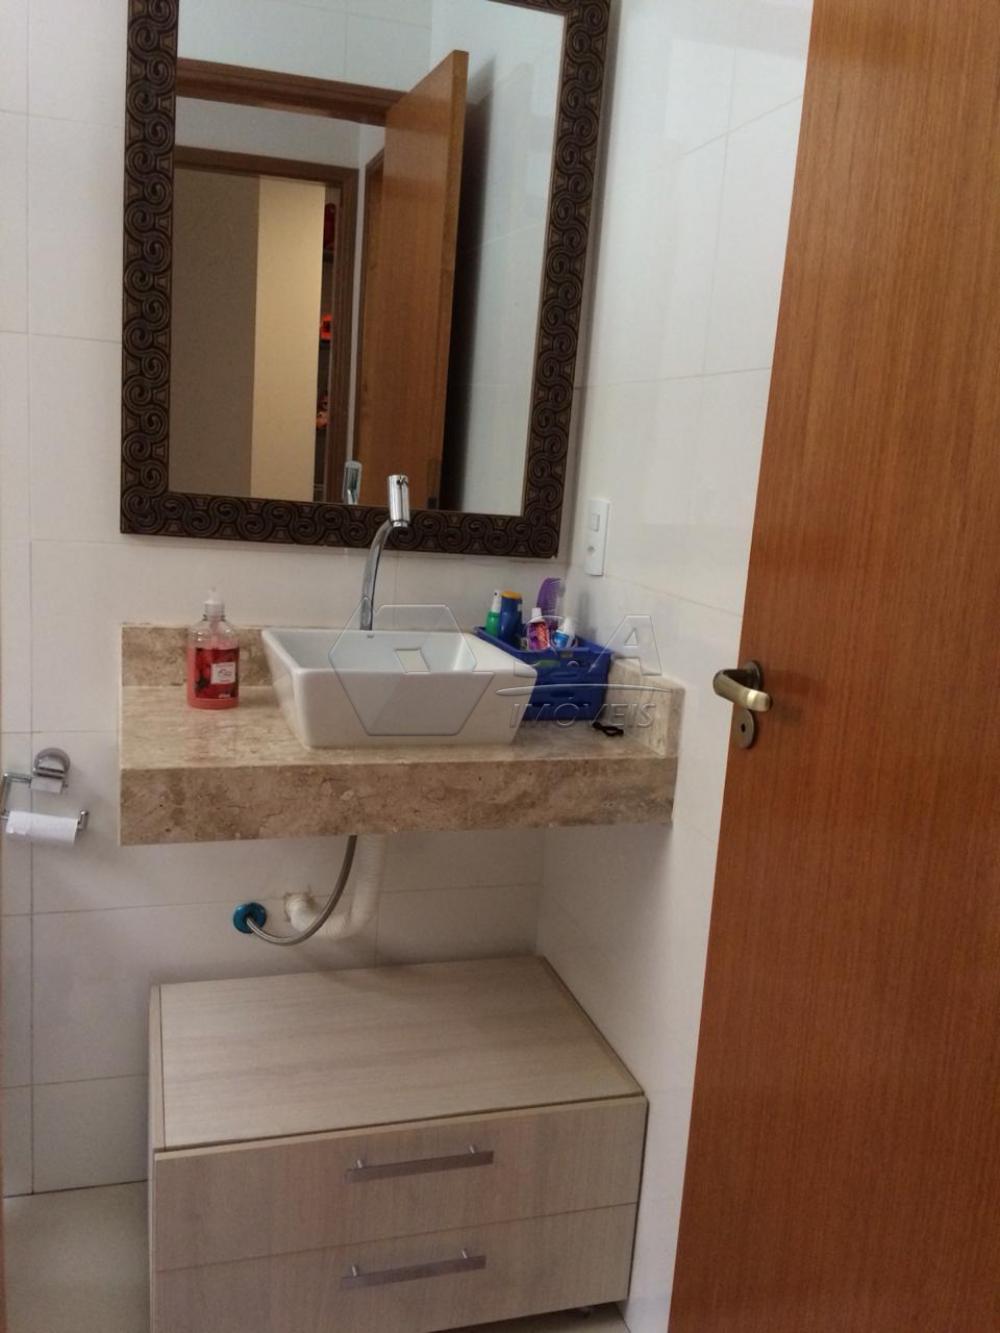 Comprar Casa / Padrão em Botucatu apenas R$ 320.000,00 - Foto 11